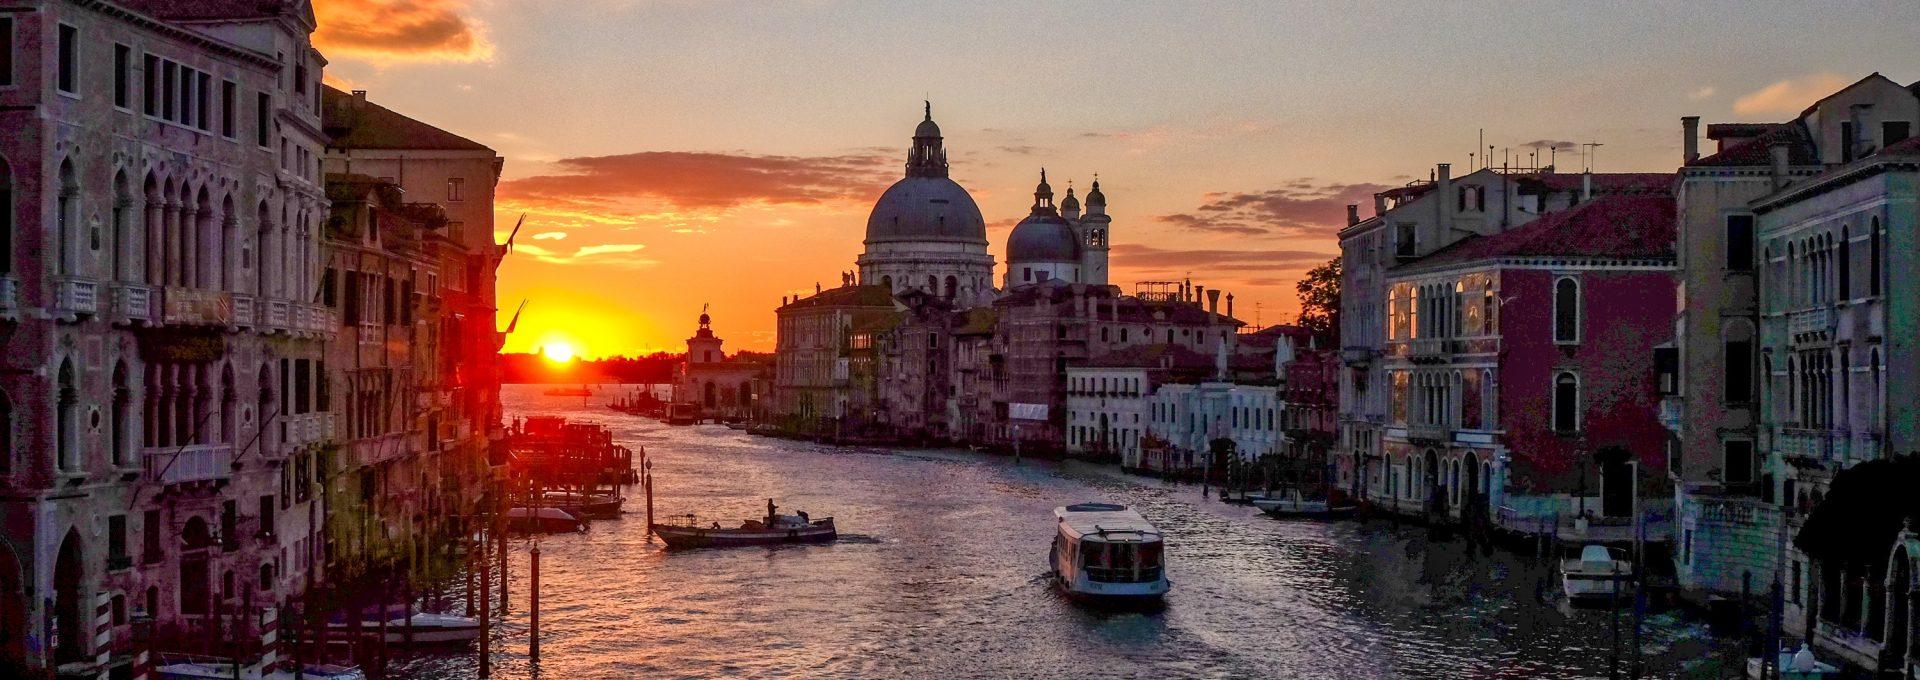 cosa-fare-venezia-di-notte-1920×680